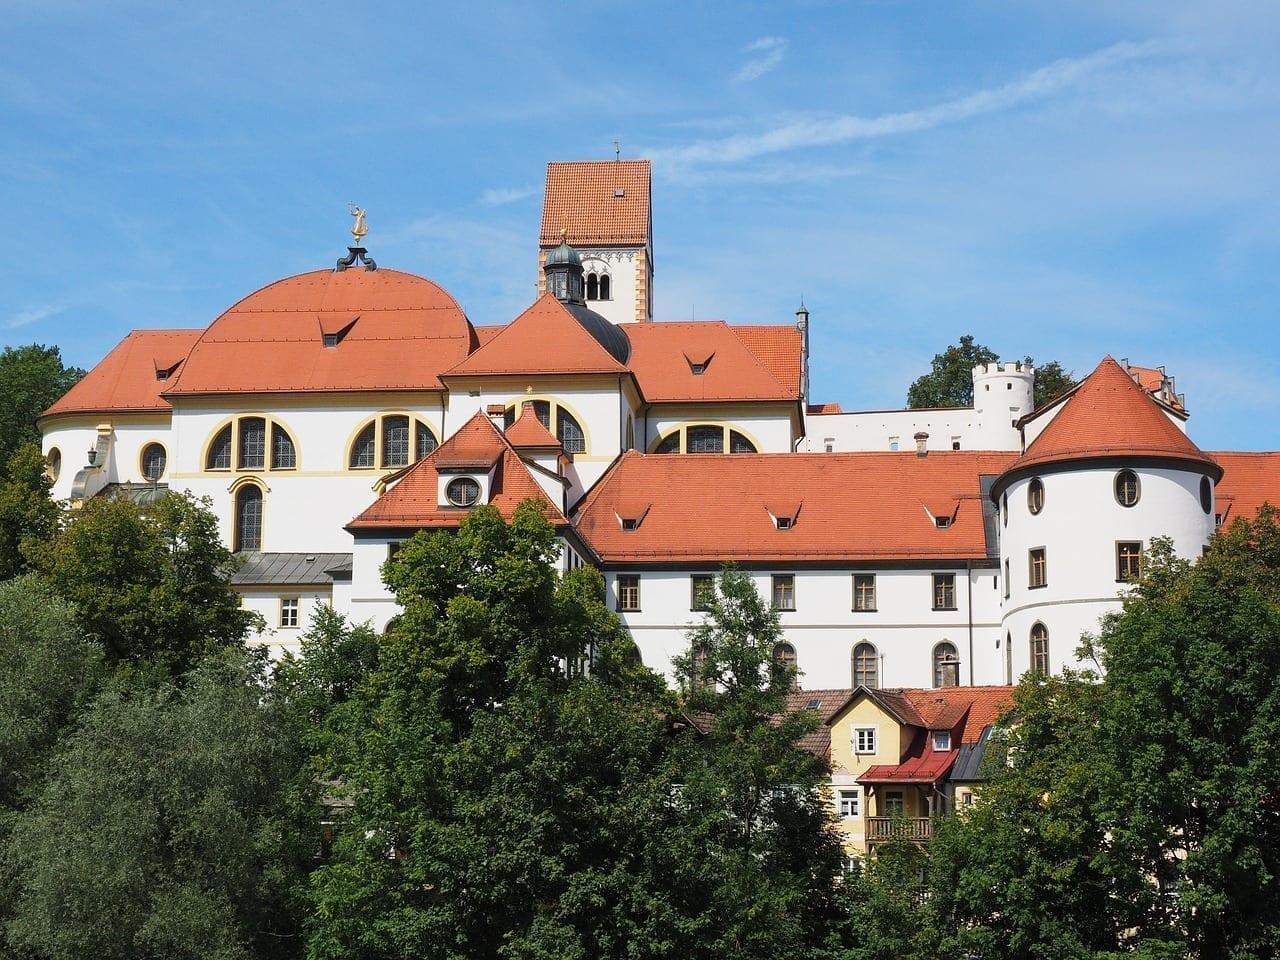 El Monasterio De San Mang Füssen Monasterio Alemania